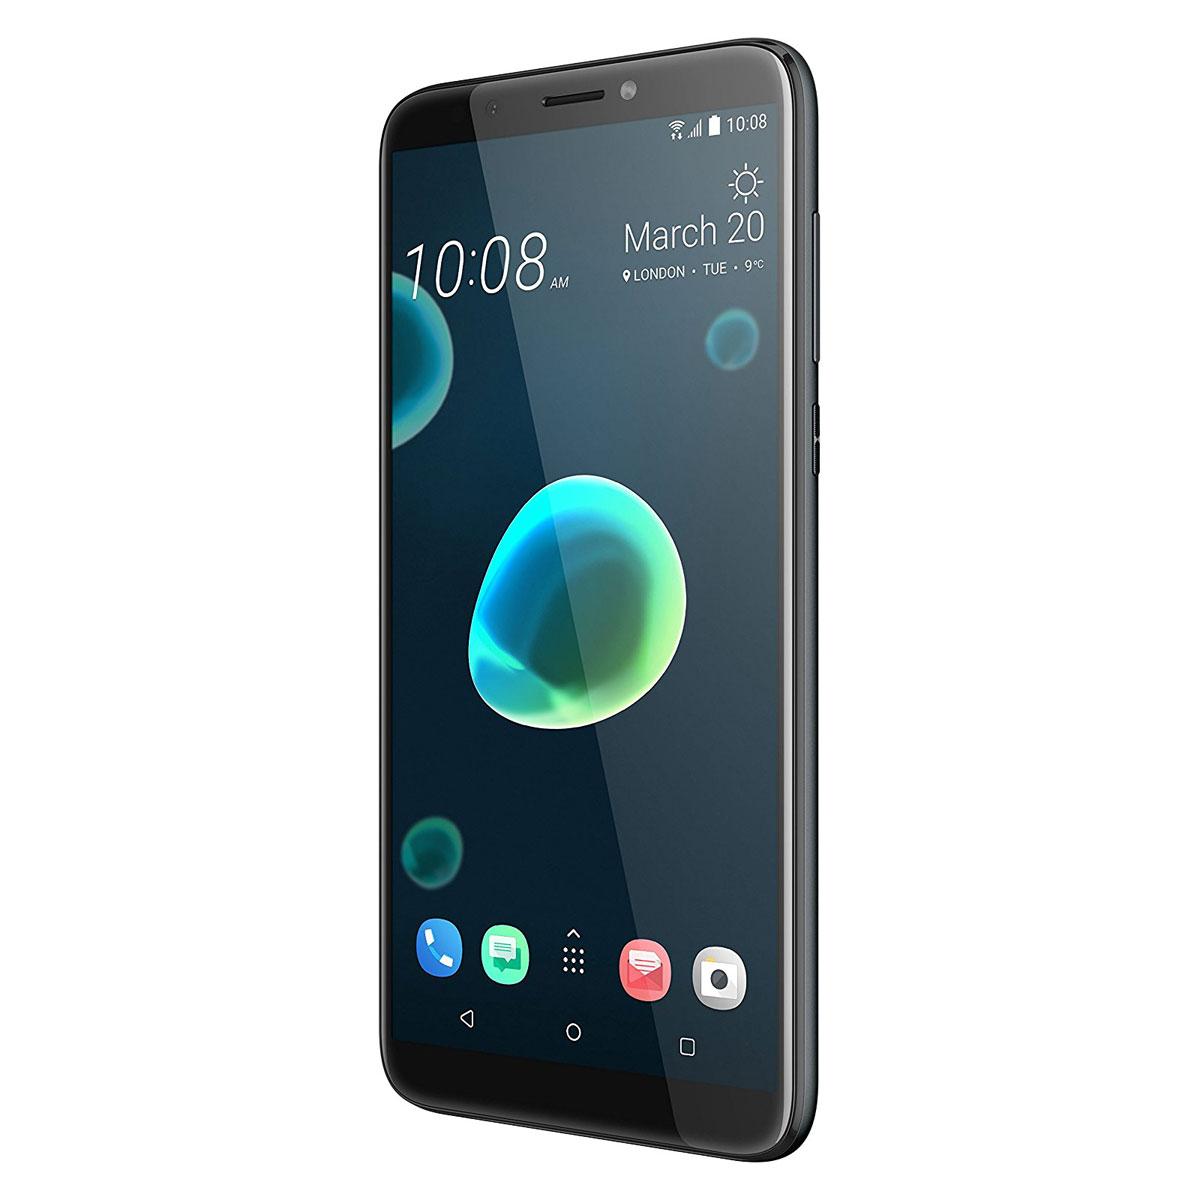 """[Cdiscount à volonté] Smartphone 6"""" HTC Desire 12+ Plus - HD+, Snapdragon 450, RAM 3 Go, ROM 32 Go (via ODR de 30€ & dépôt d'un avis)"""